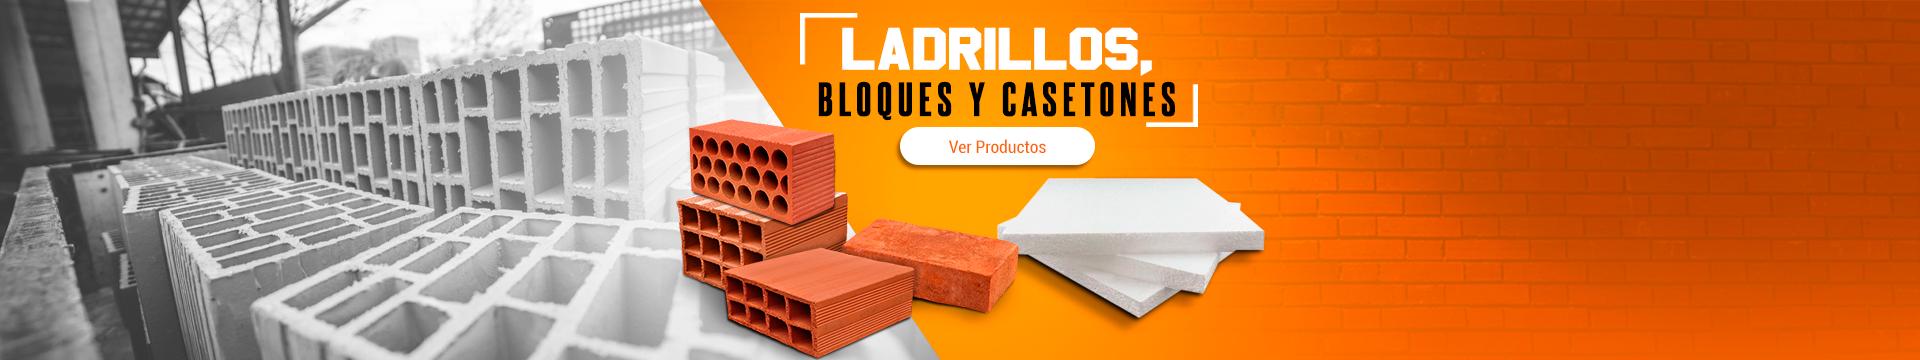 Ladrillos, bloques y casetones Para la Construcción